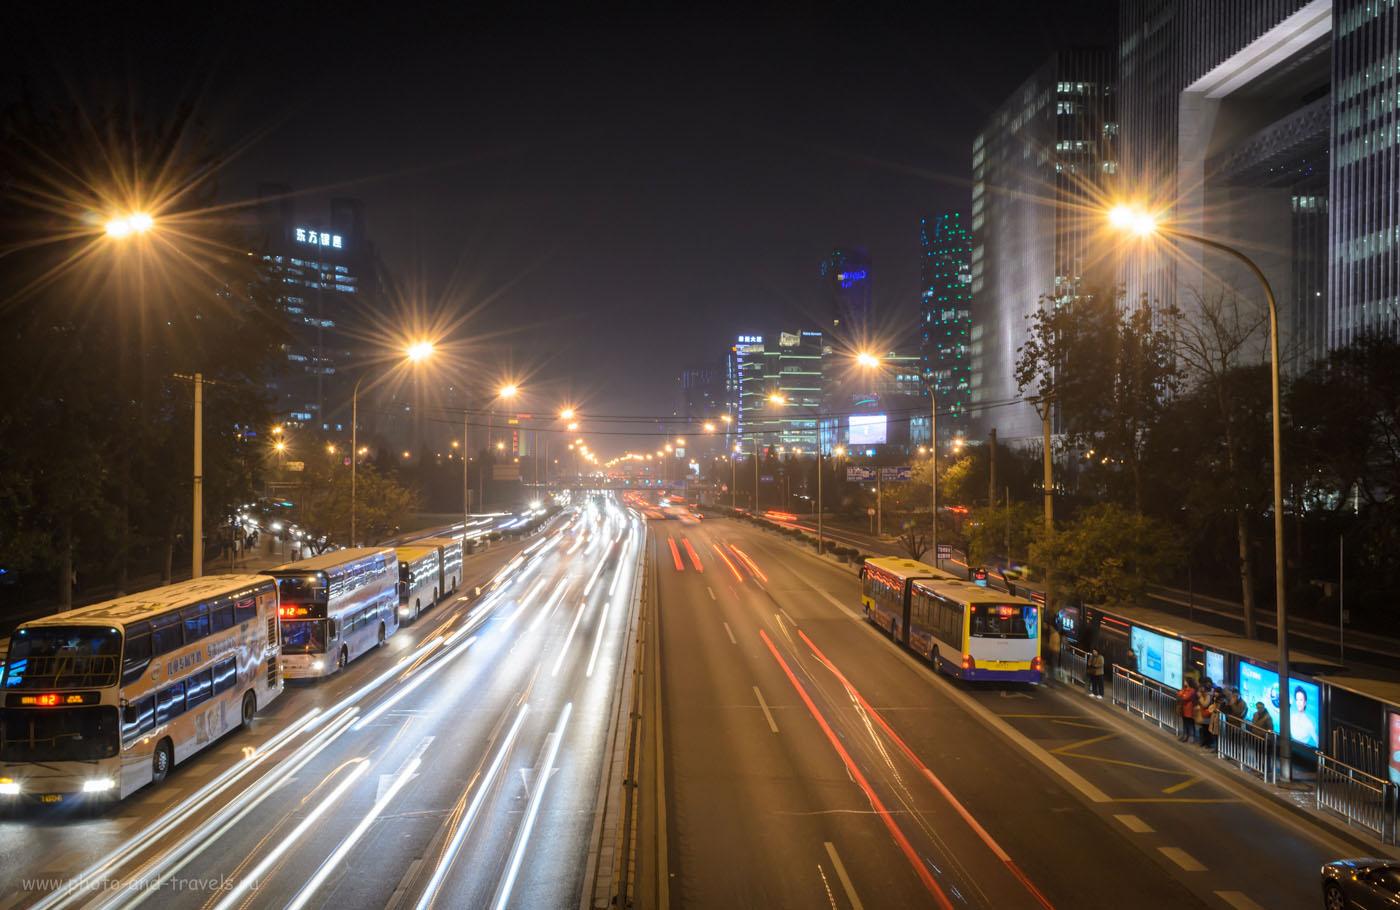 Фото 10. Ночной Пекин. Поездка в Китай самостоятельно в ноябре 2011.